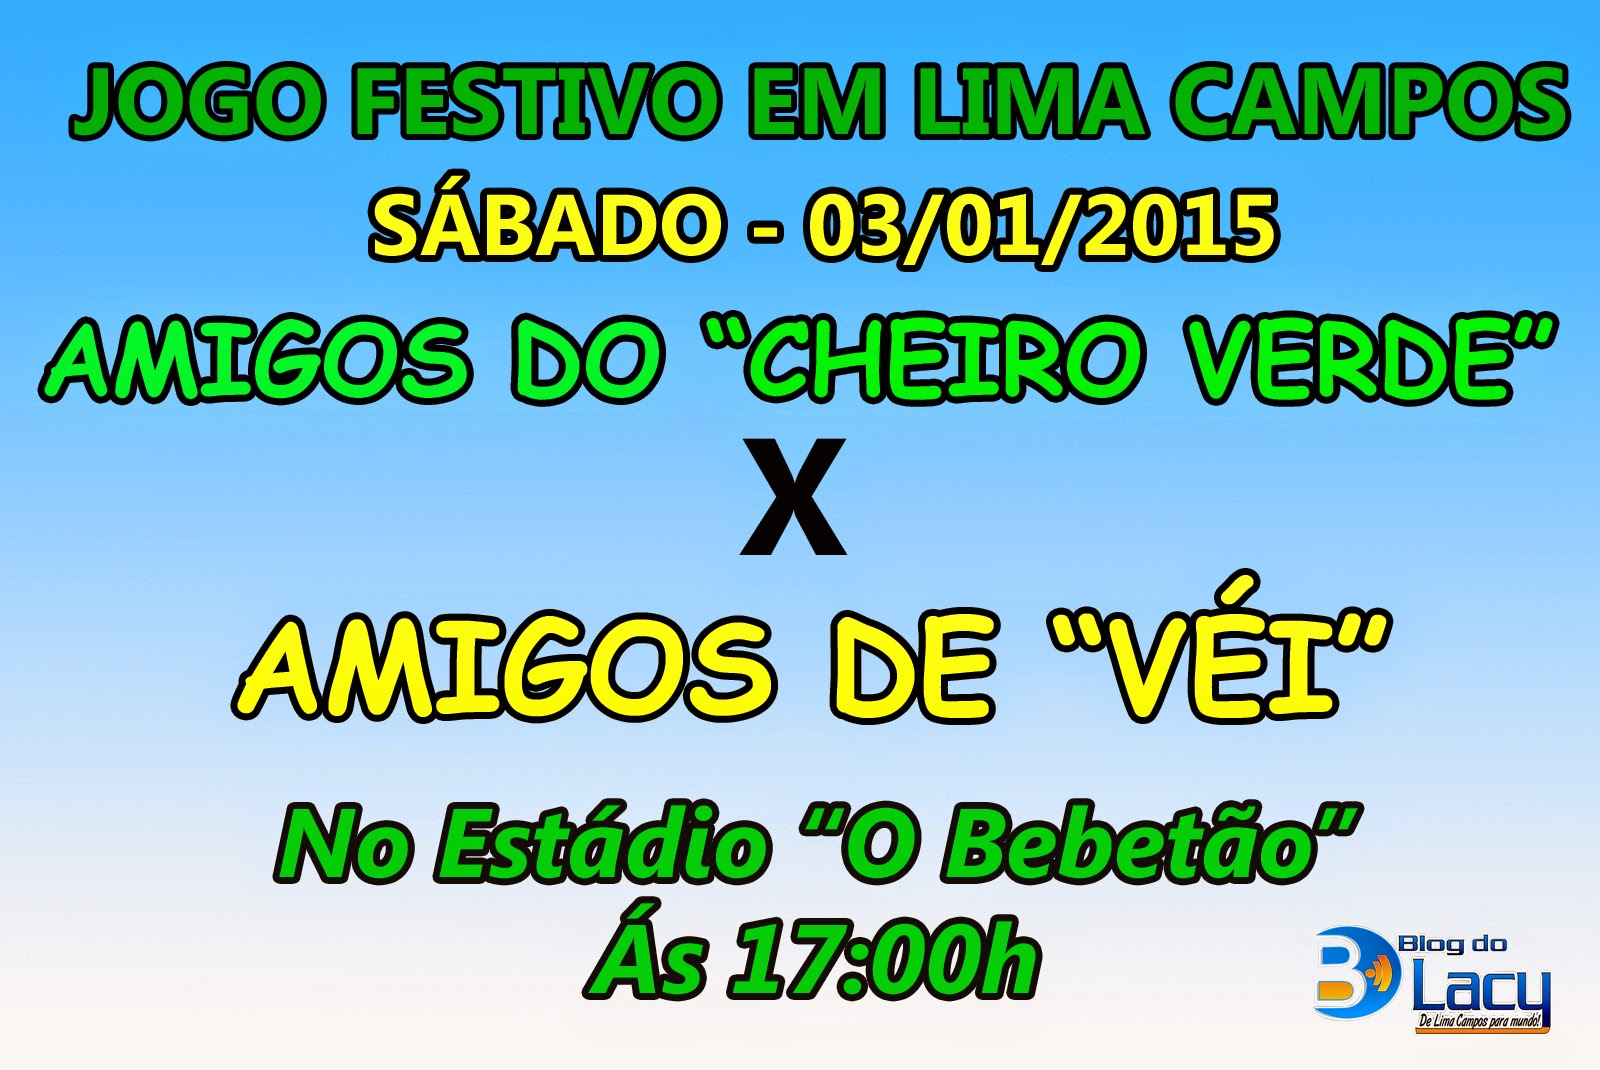 JOGO FESTIVO EM LIMA CAMPOS - CE